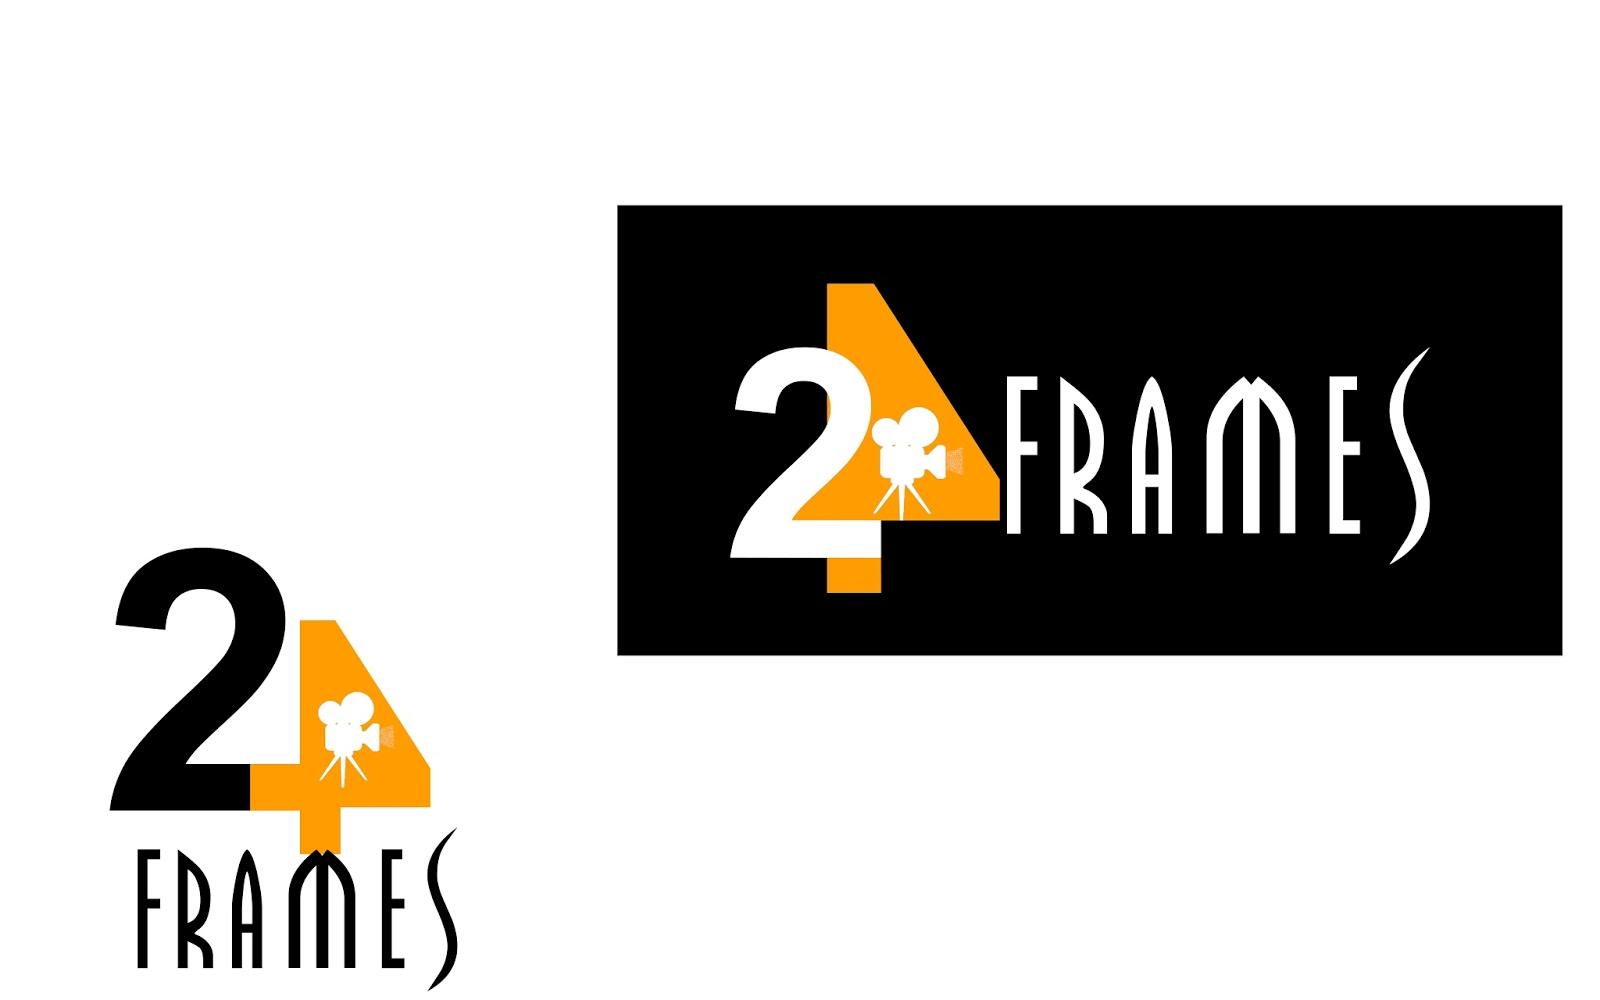 24 frames logo